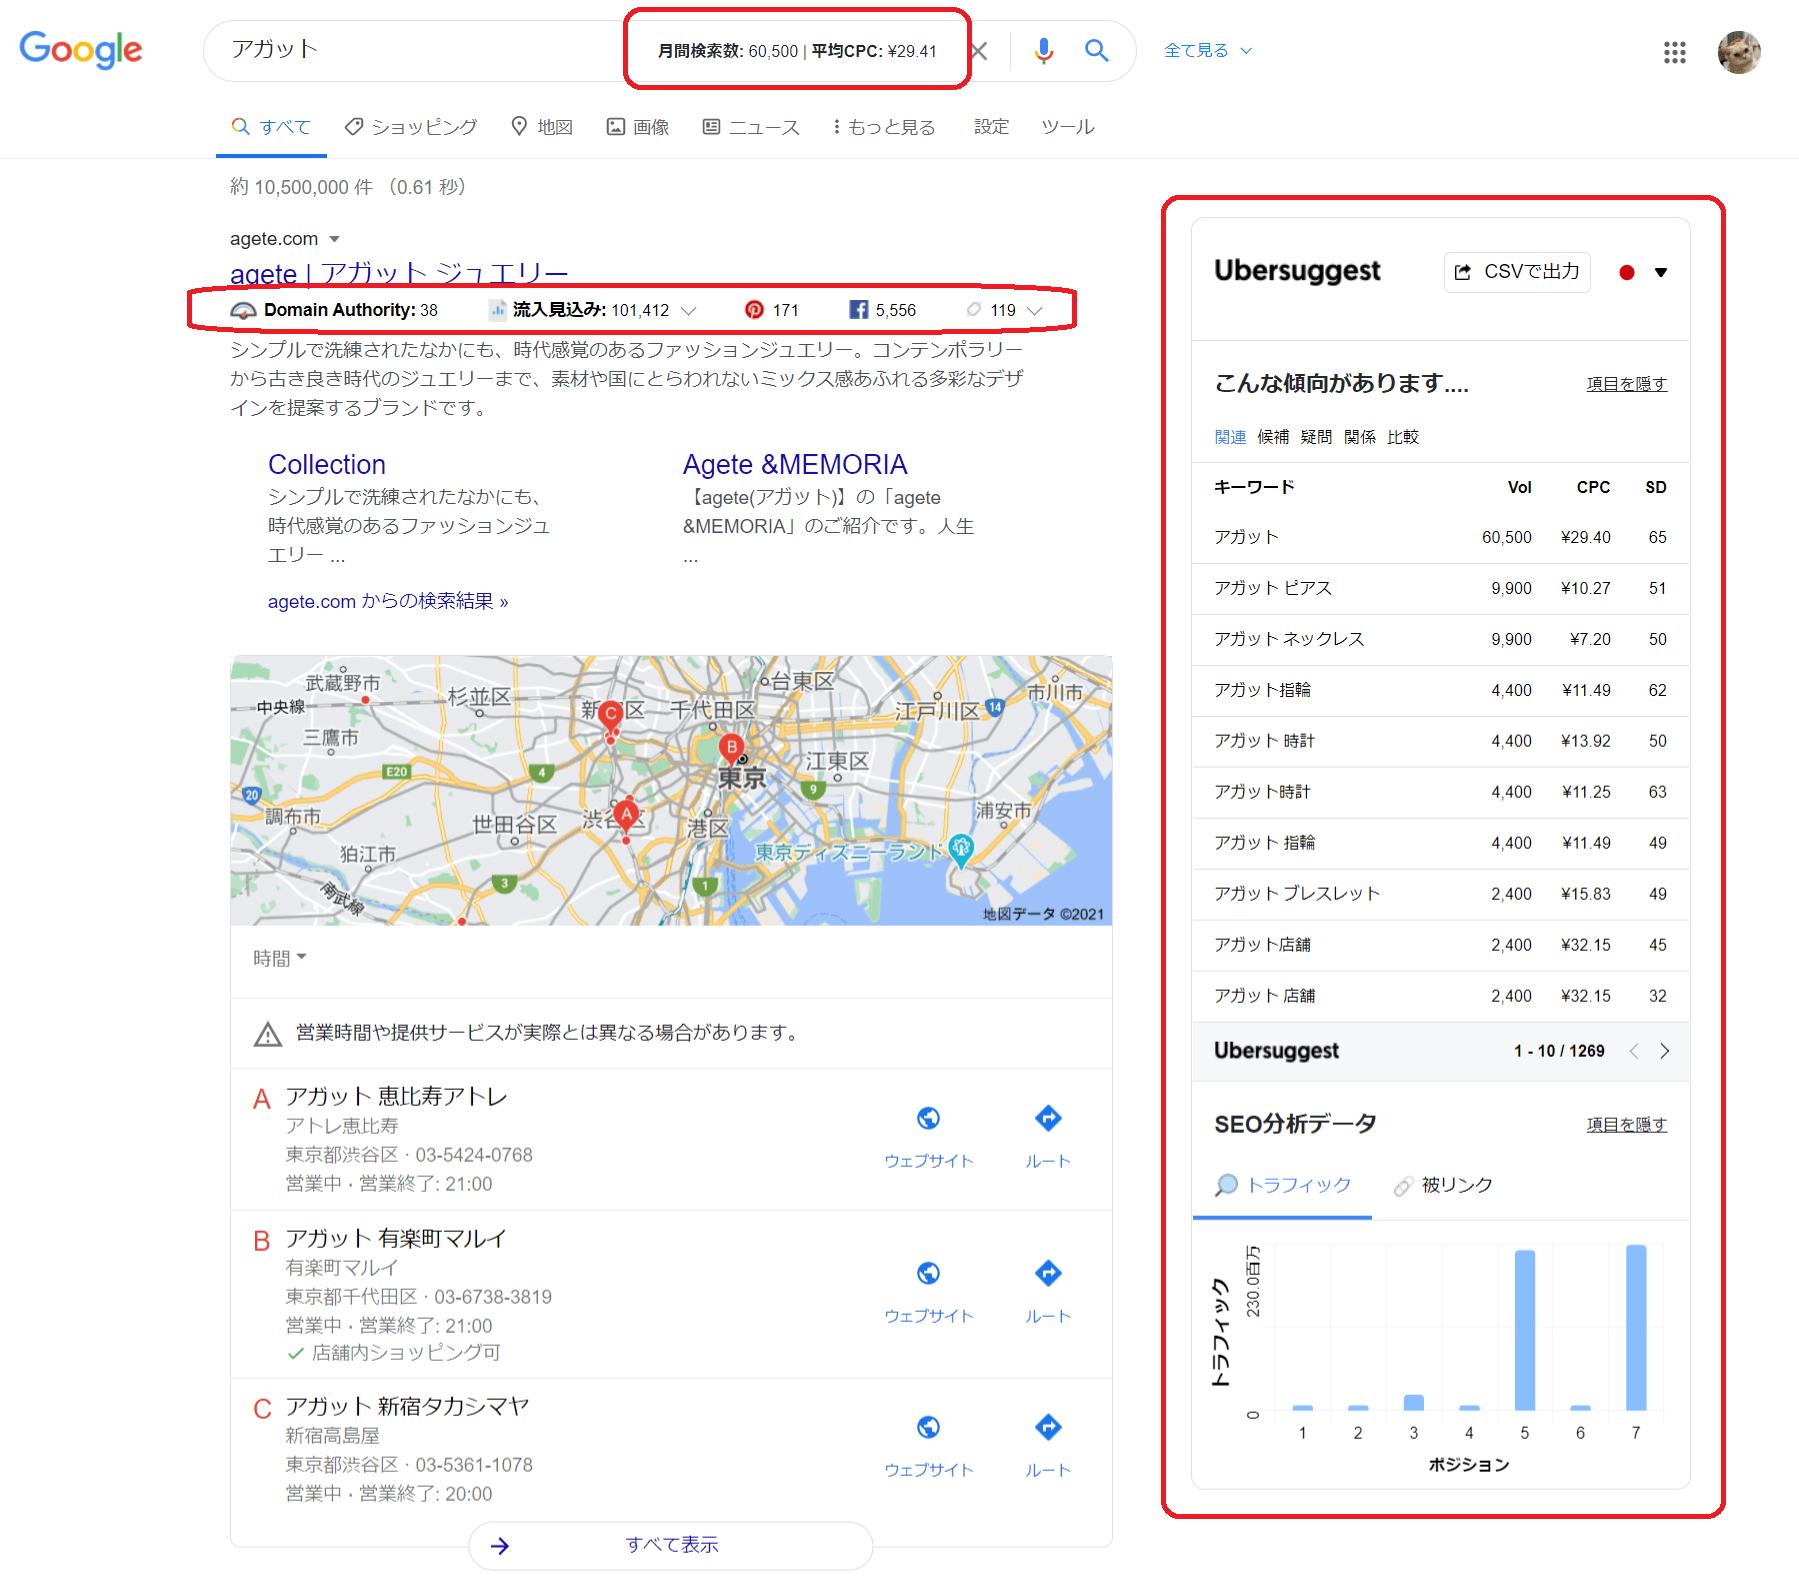 アガットの検索結果